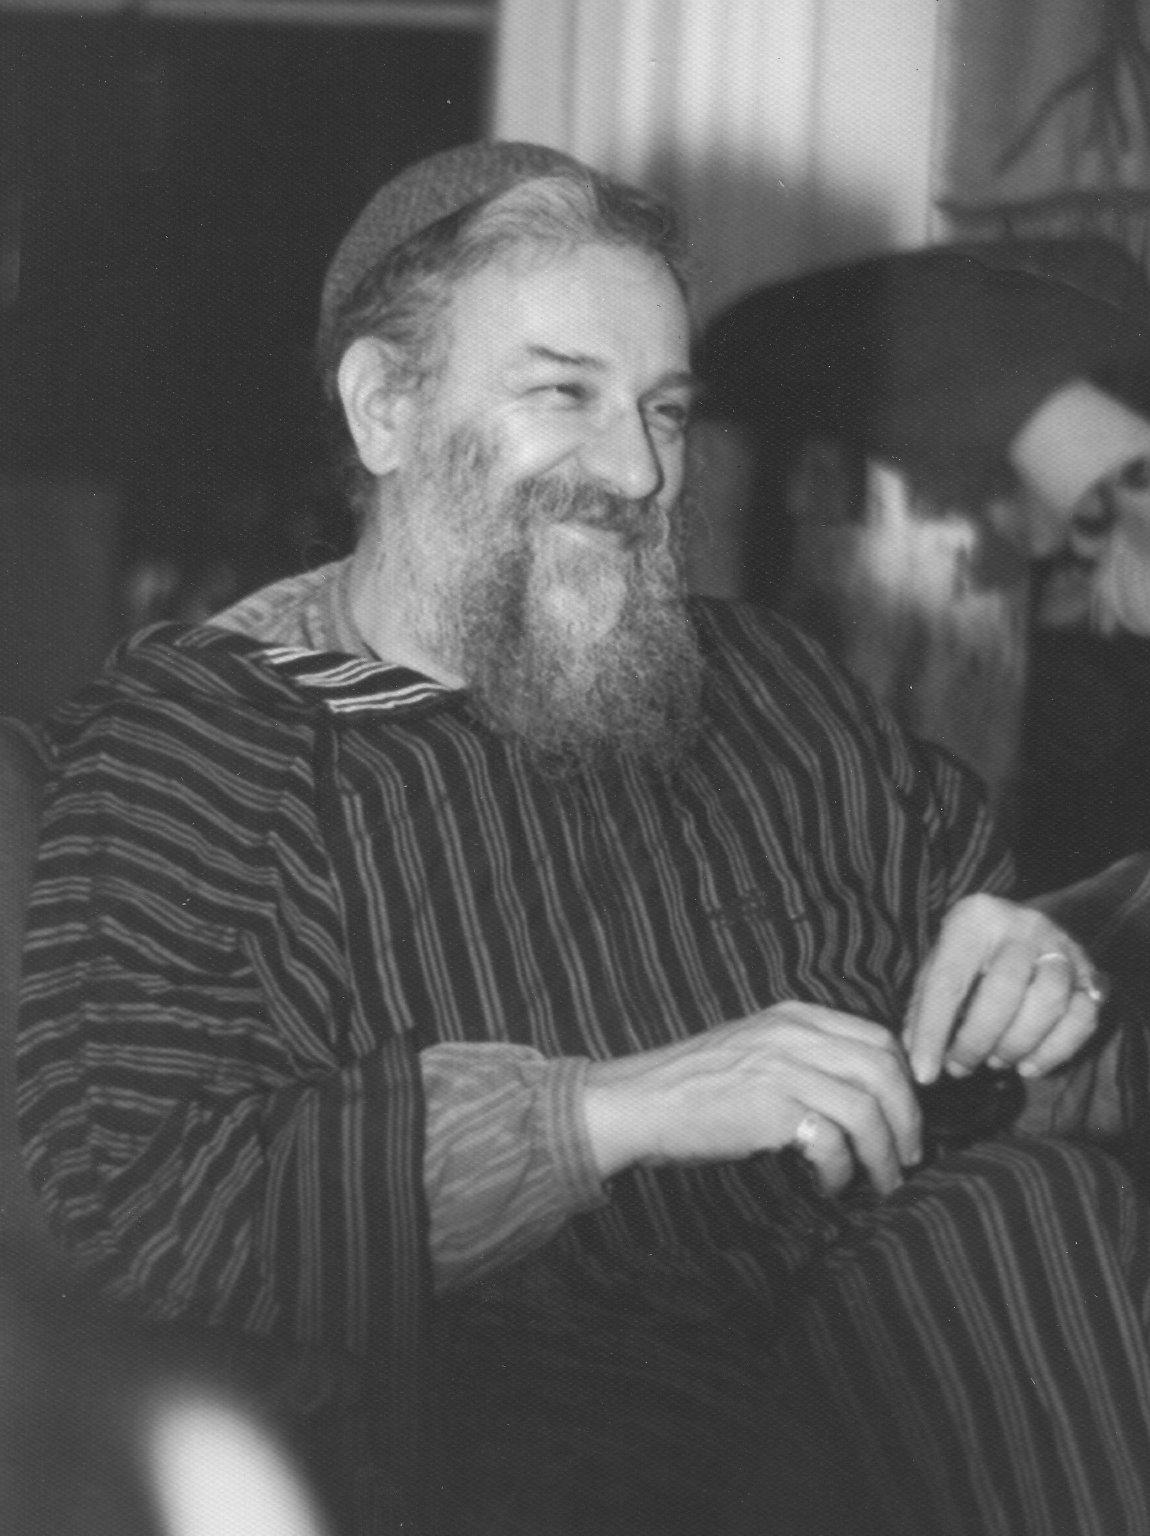 Rabbi Zalman Schachter in striped robe, ca. 1970s.